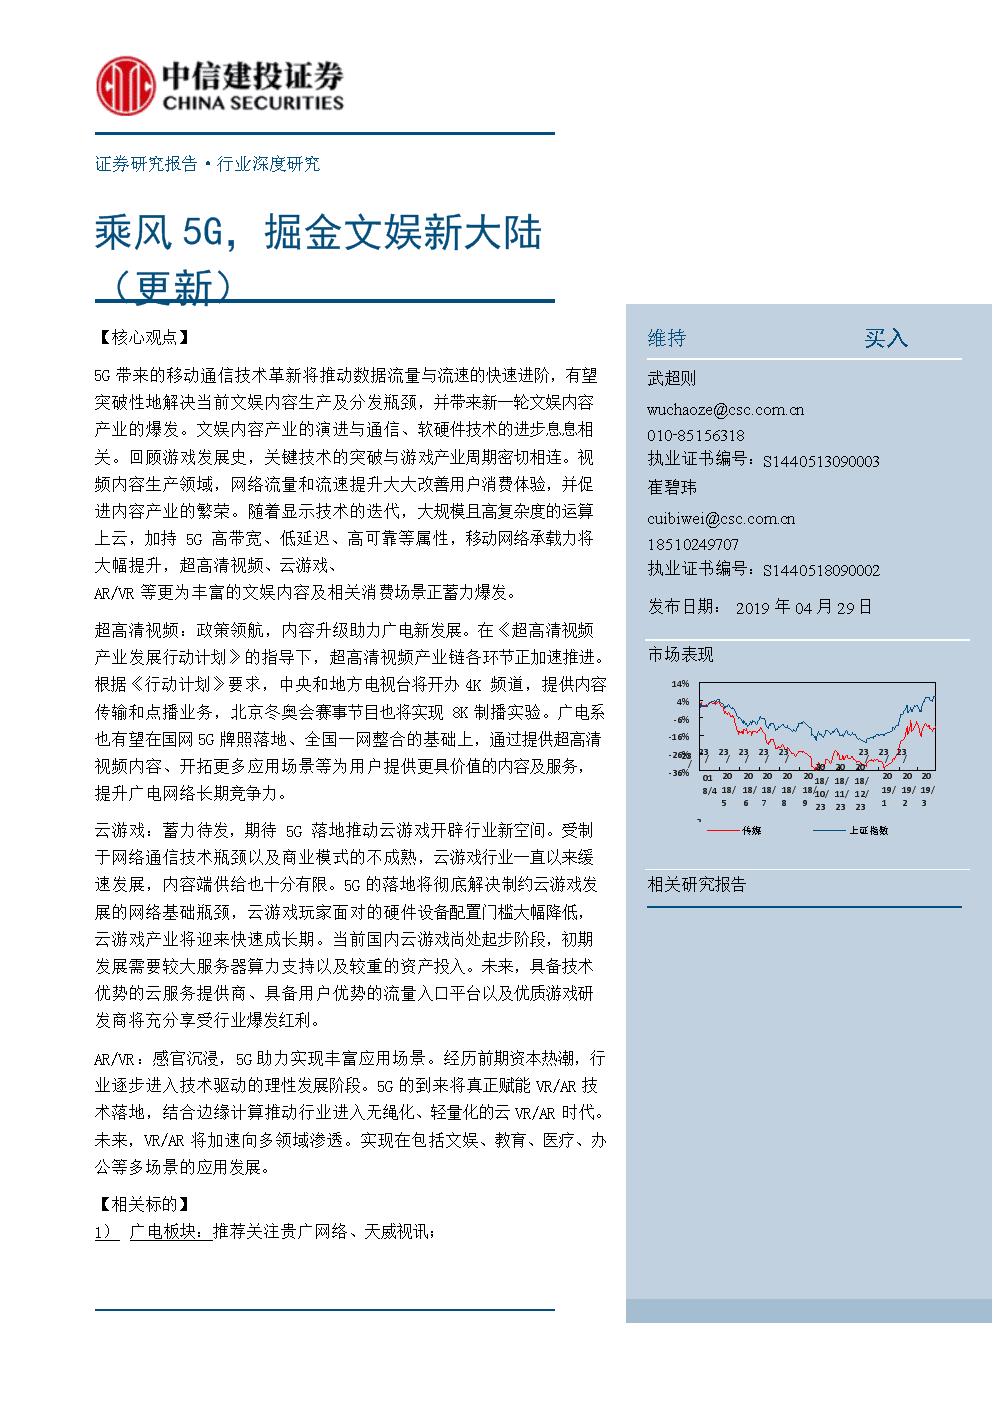 乘风5G,掘金文娱新大陆(互联网传媒行业)-2019.docx